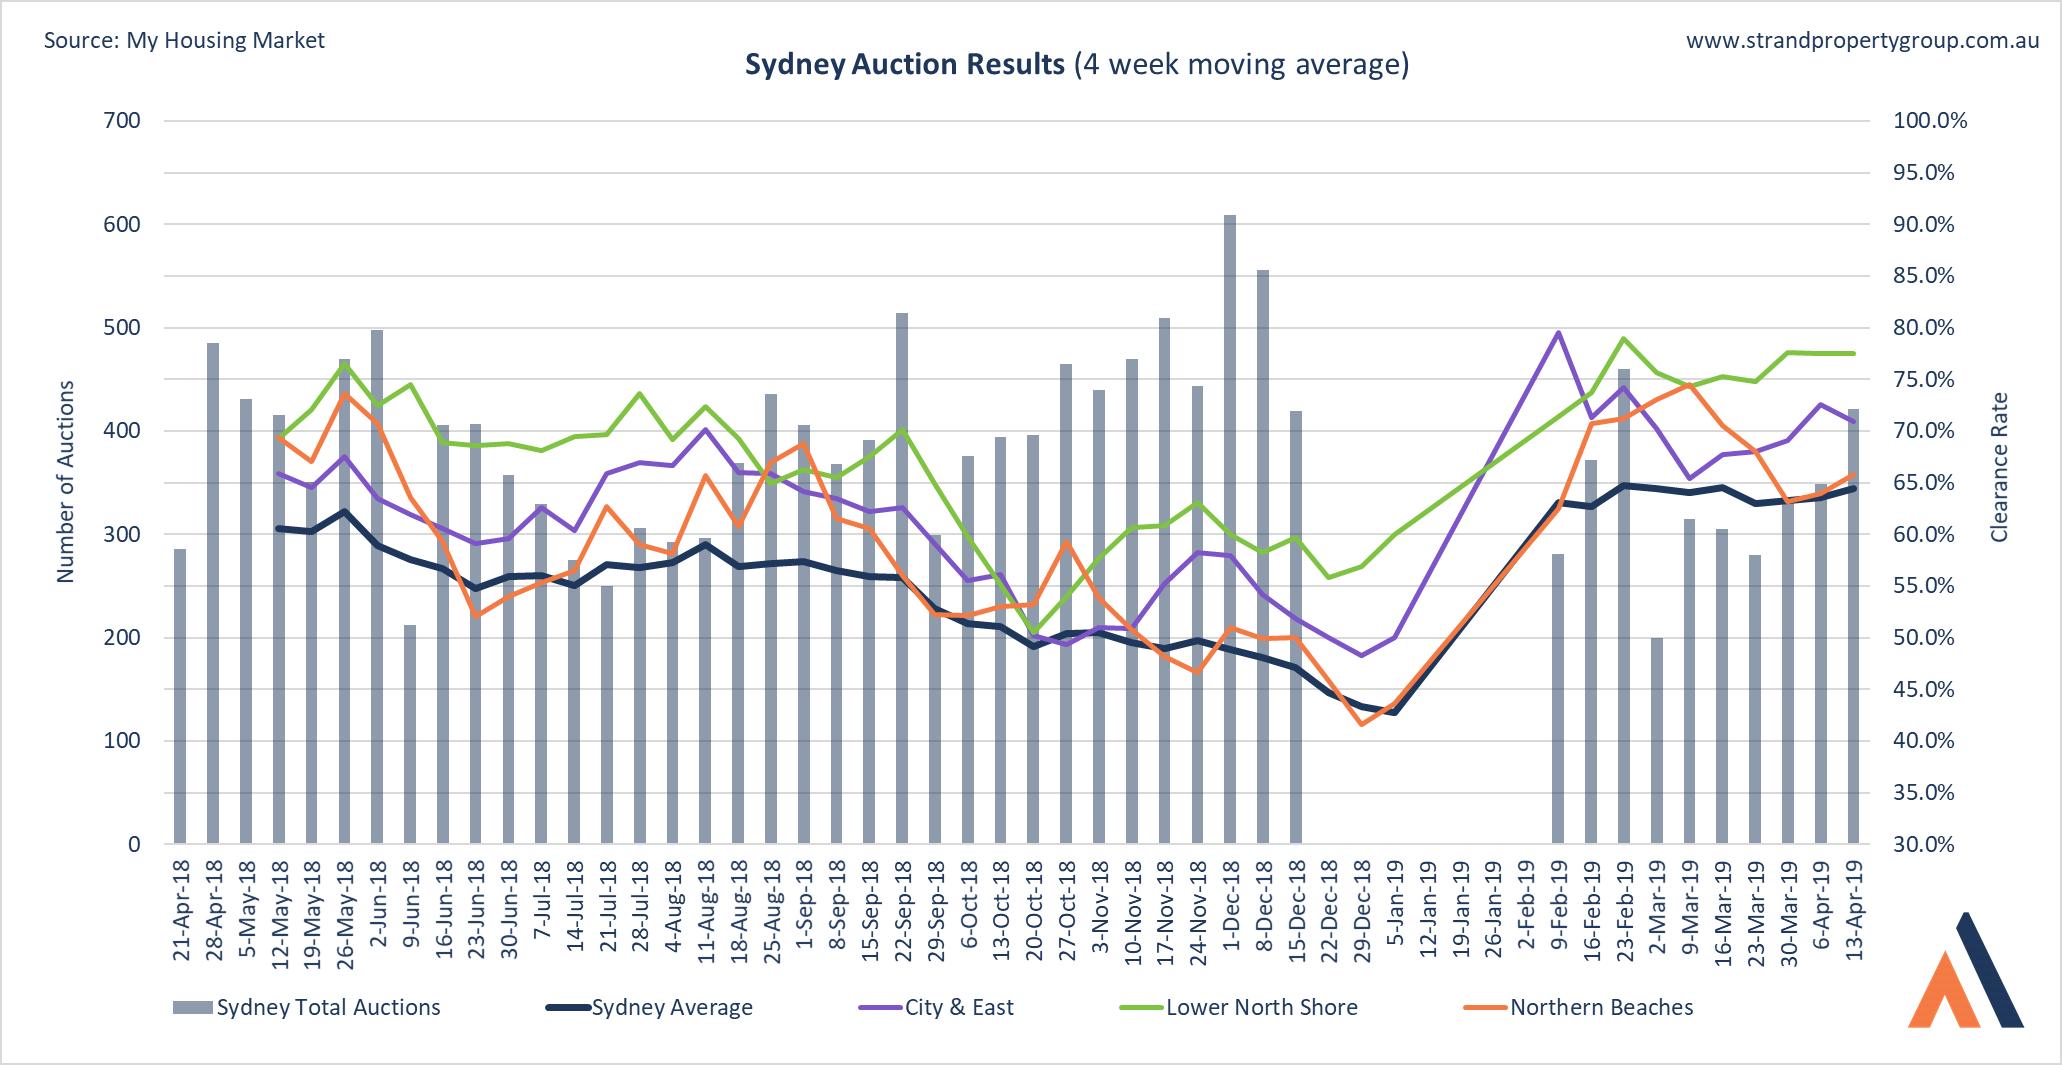 Sydney Auction Results - 13 April 2018